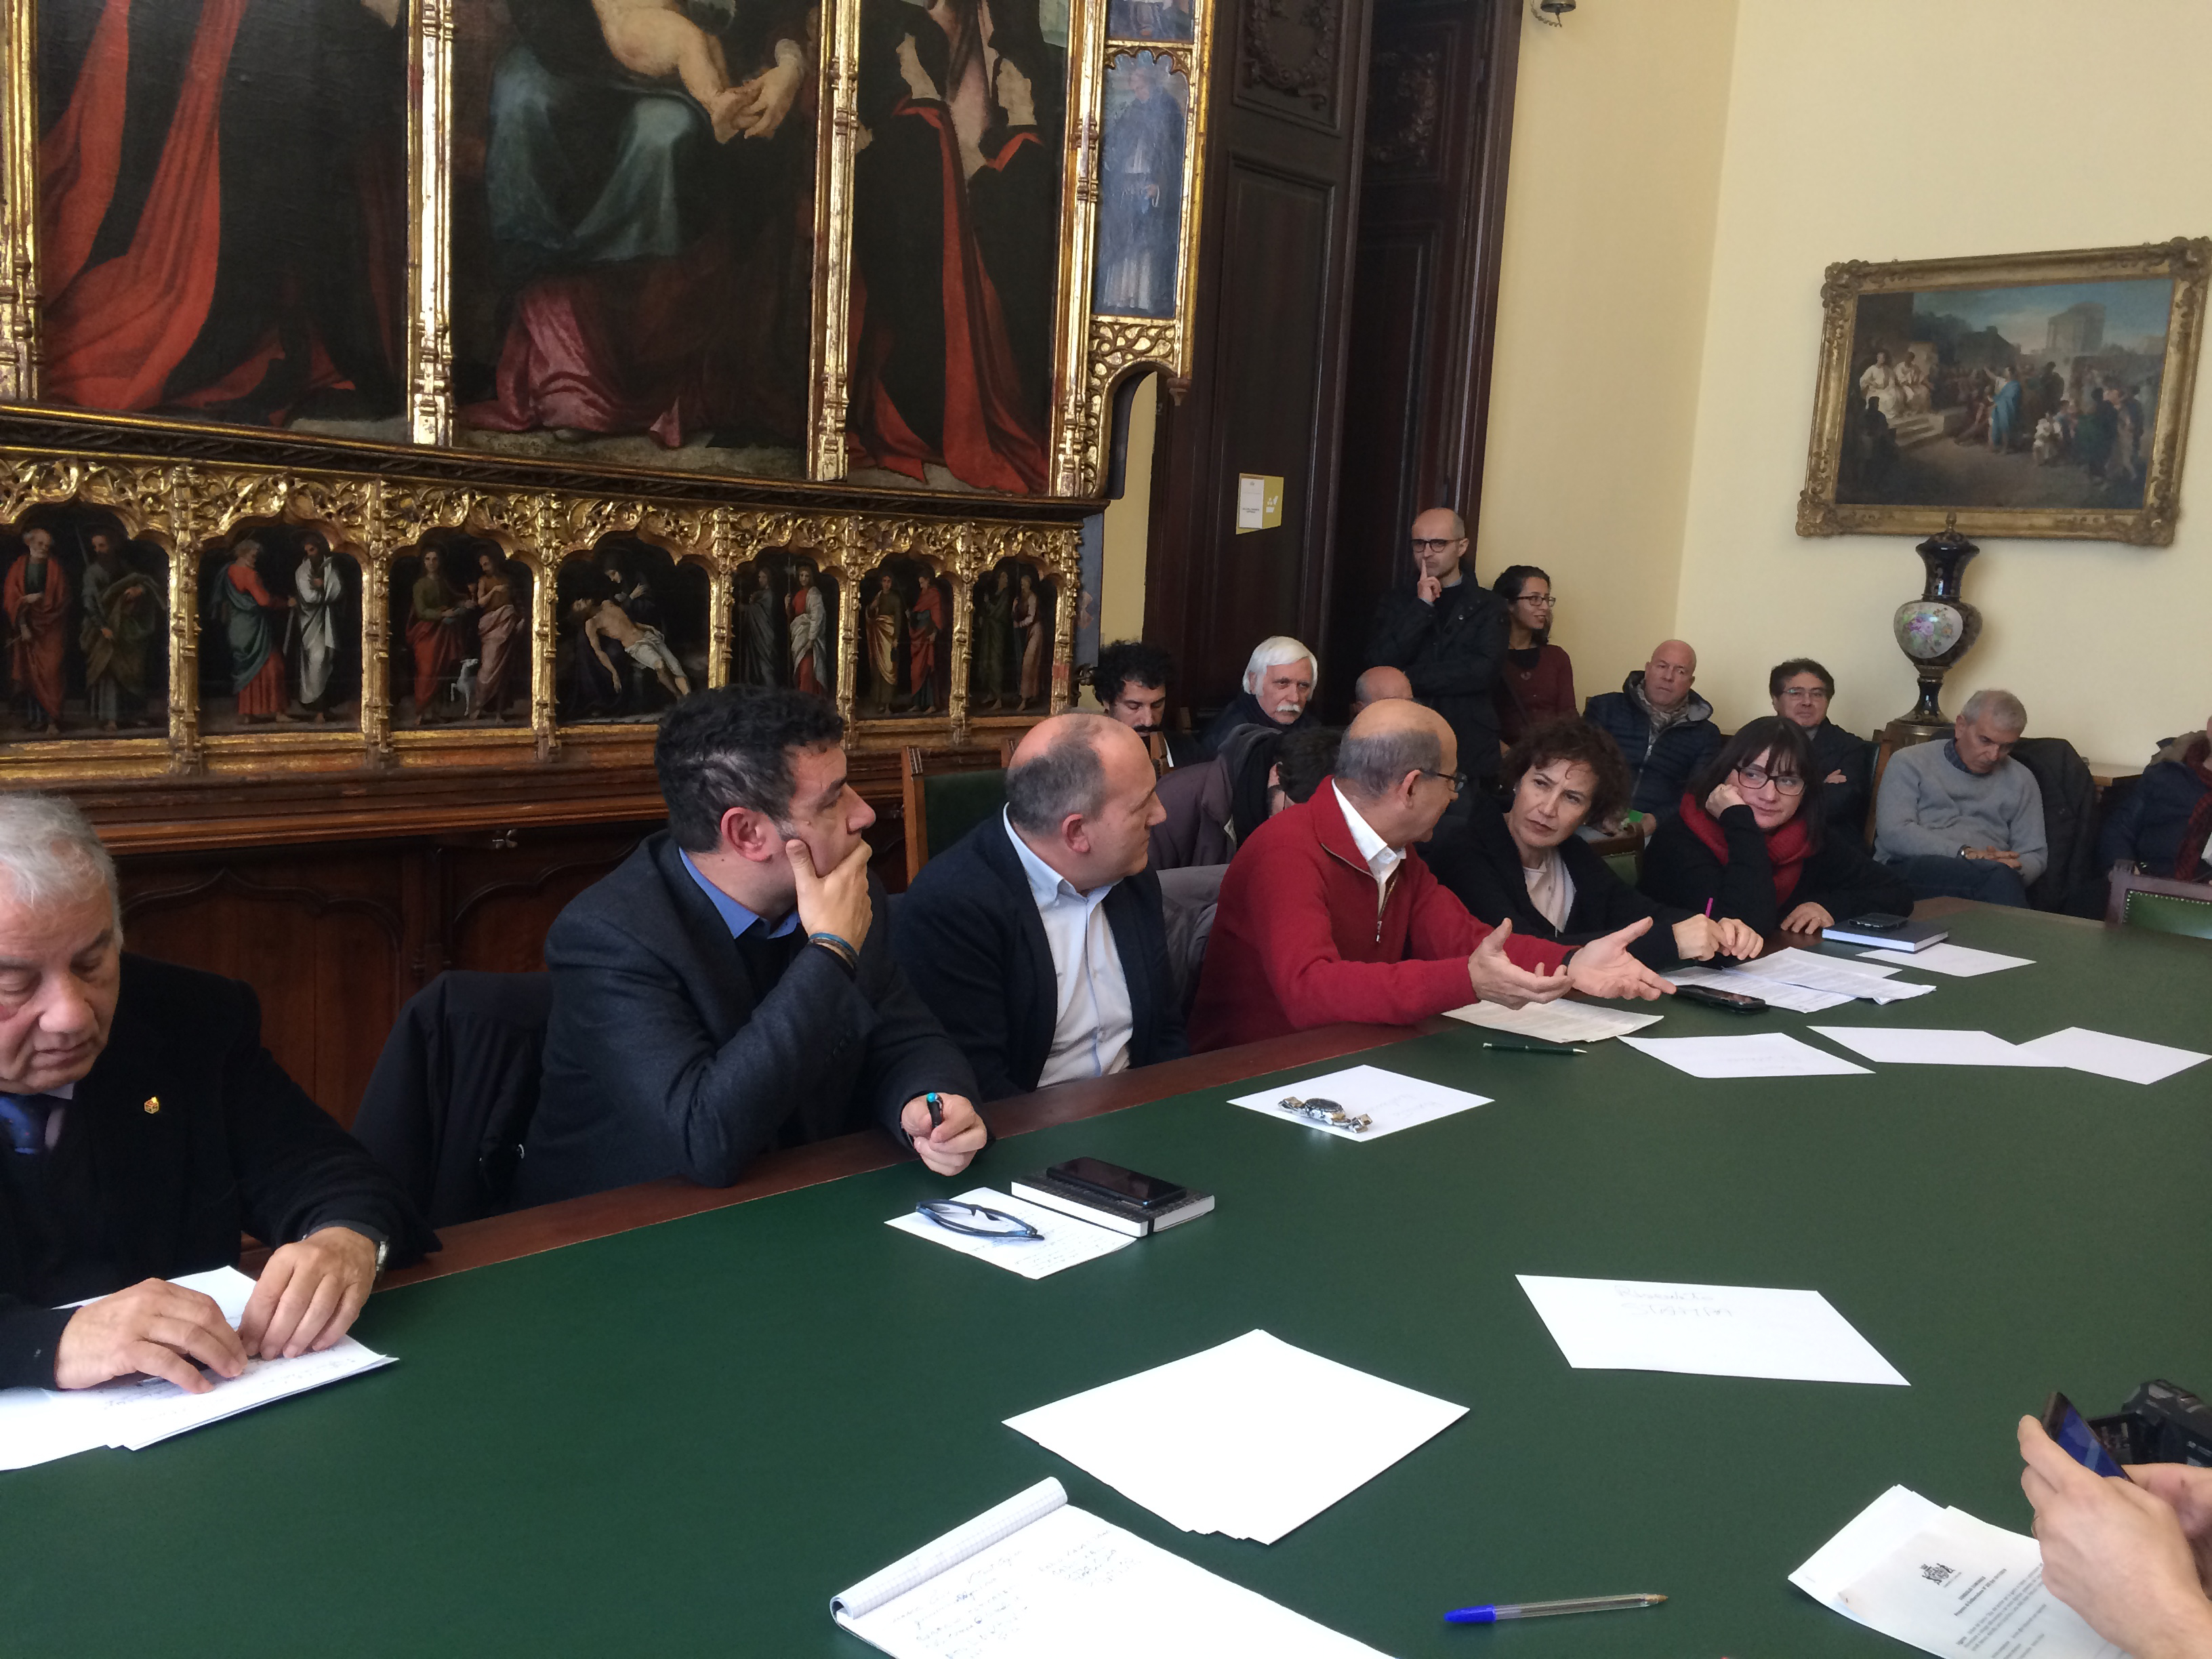 conferenza-stampa-comitato-riconversione-rwm